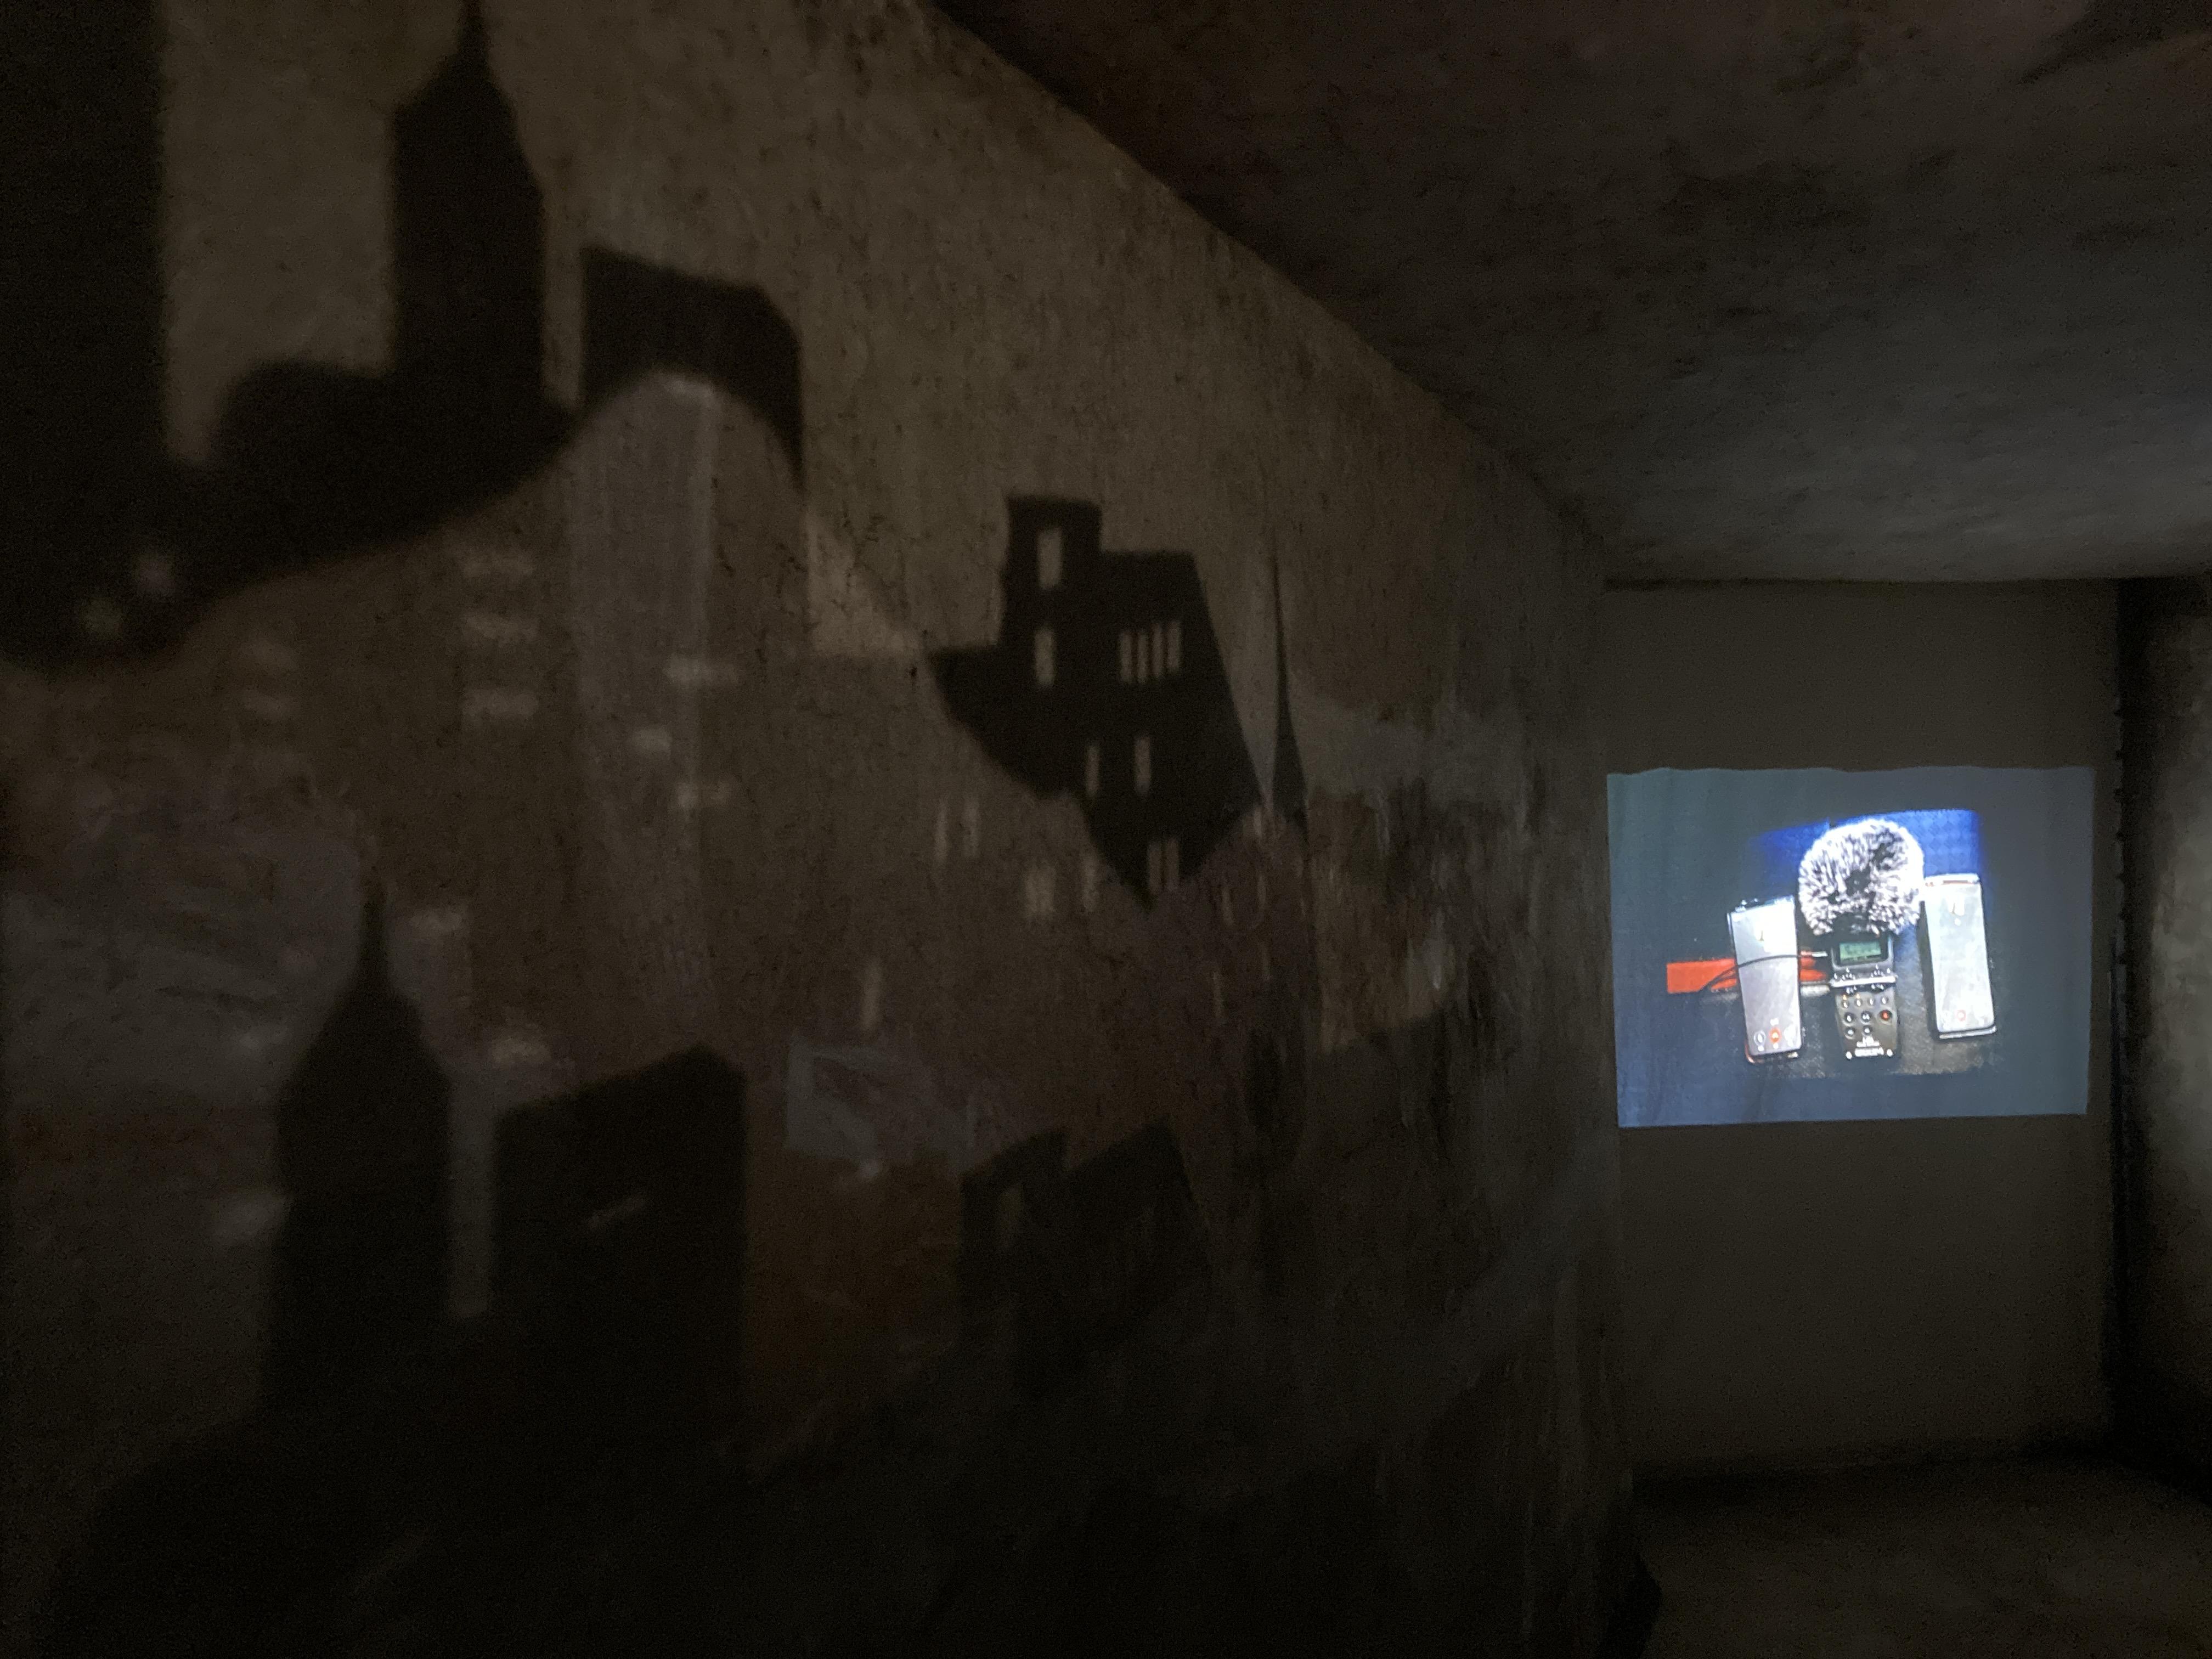 《回声:来自自然与城市的问候——序曲展》副展场,闲下来合作社B区深洞。 澎湃新闻记者 沈健文 摄